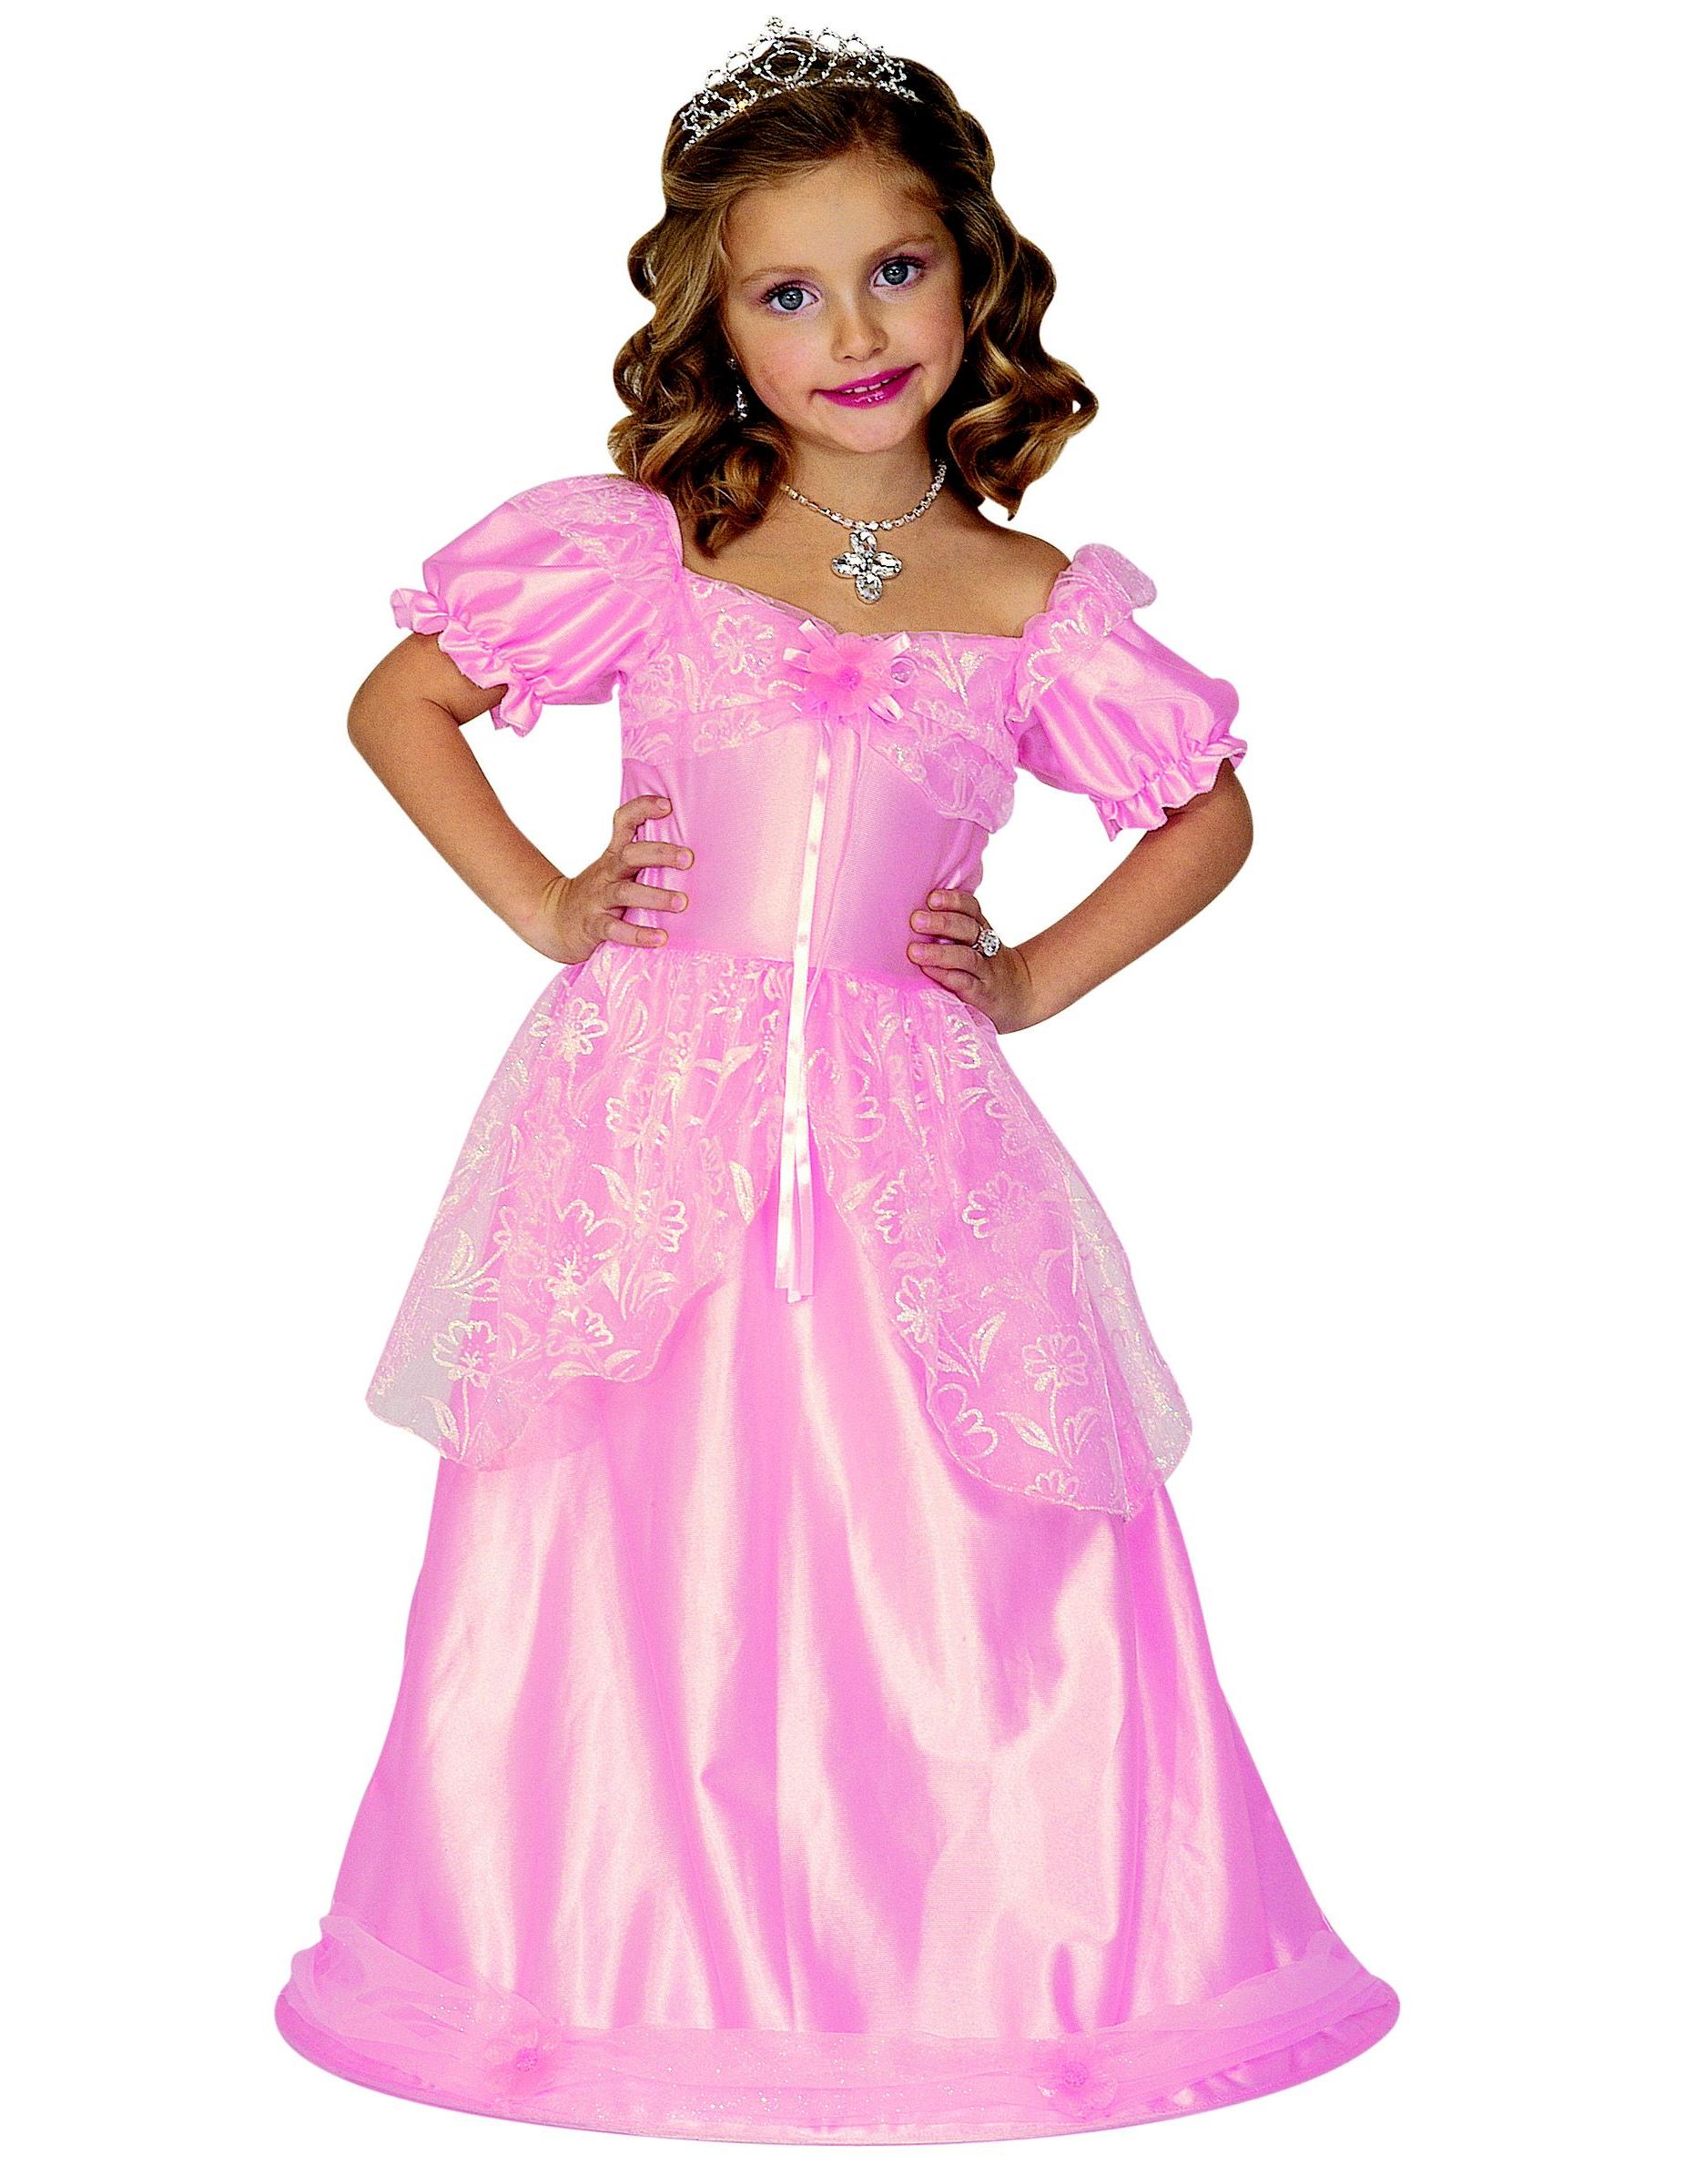 qualità superiore stili classici nuova stagione Travestimento principessa rosa per bambina